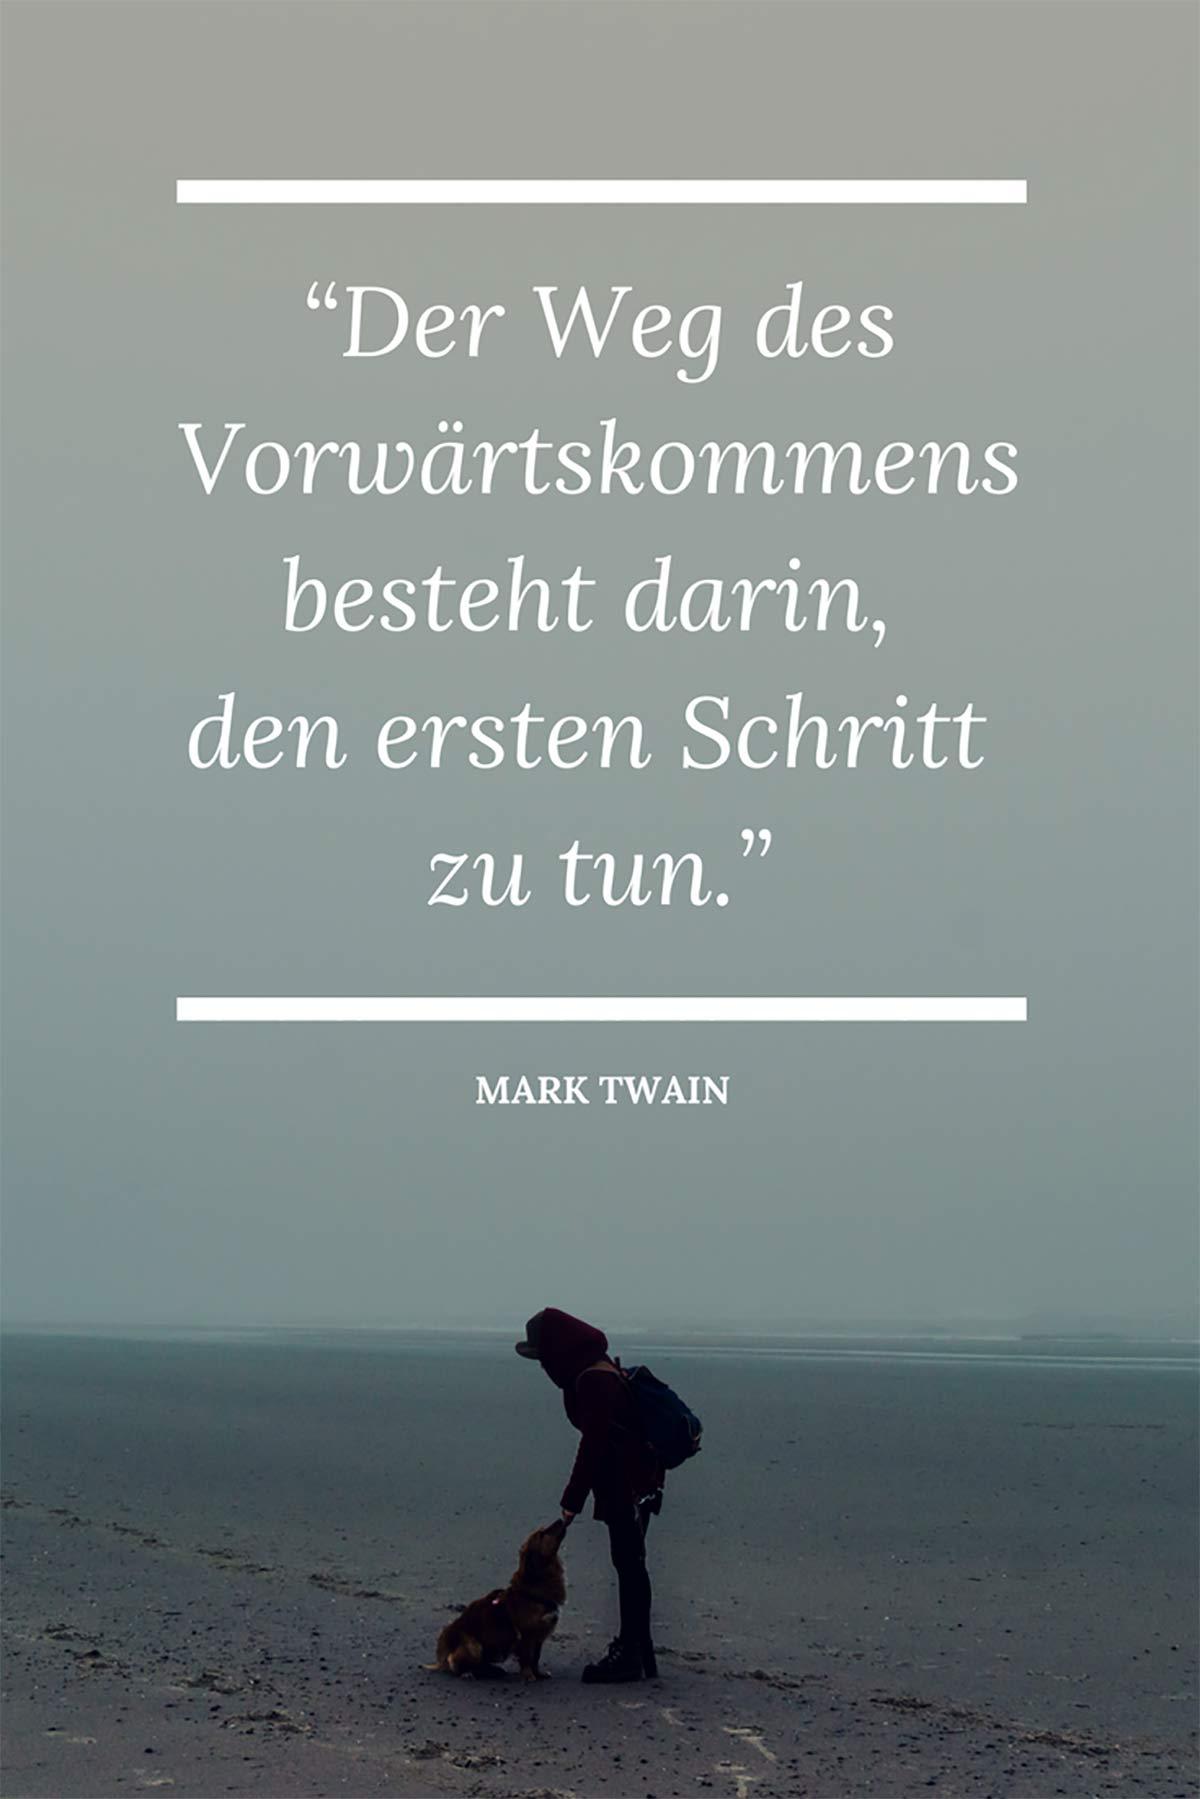 Der Weg des Vorwärtskommens besteht darin, den ersten Schritt zu tun. – Mark Twain